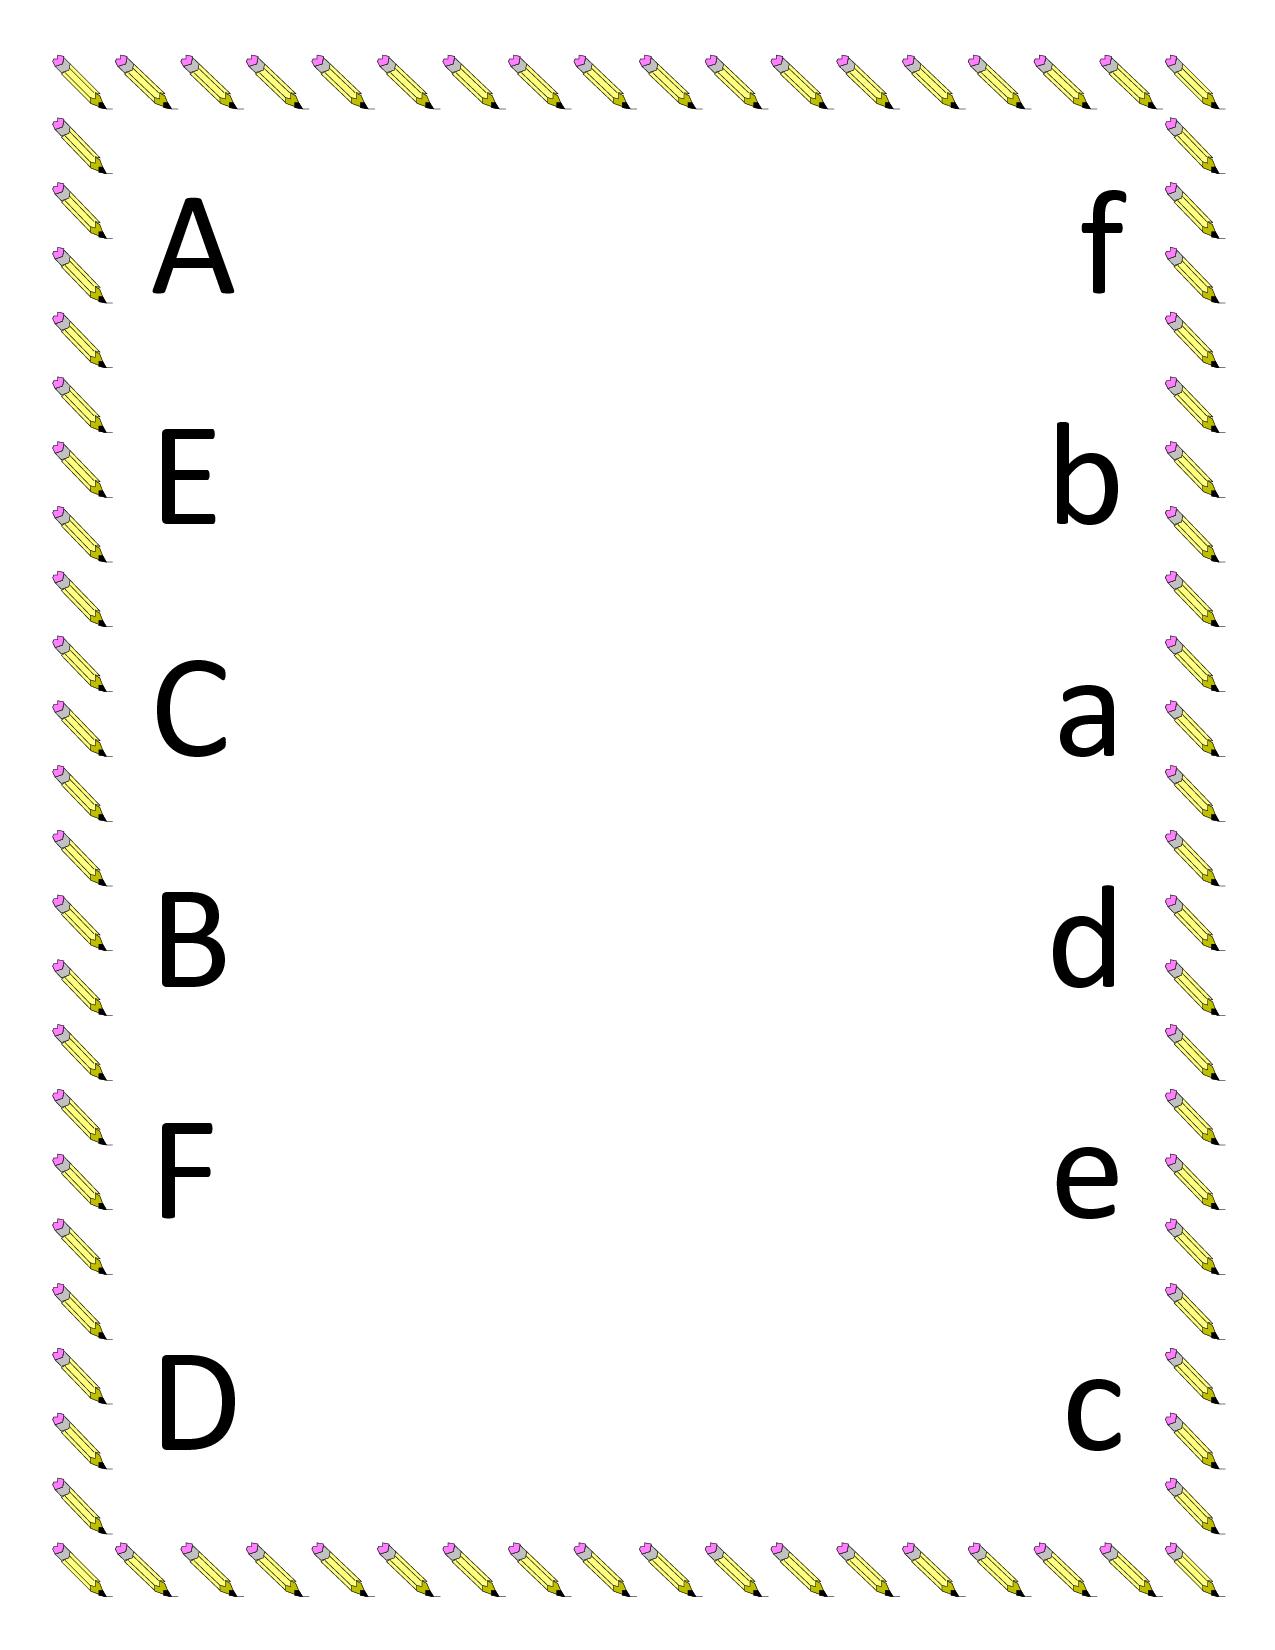 Kindergarten Worksheets | Preschool Matching Worksheets - Upper | Printable Matching Worksheets For Preschoolers